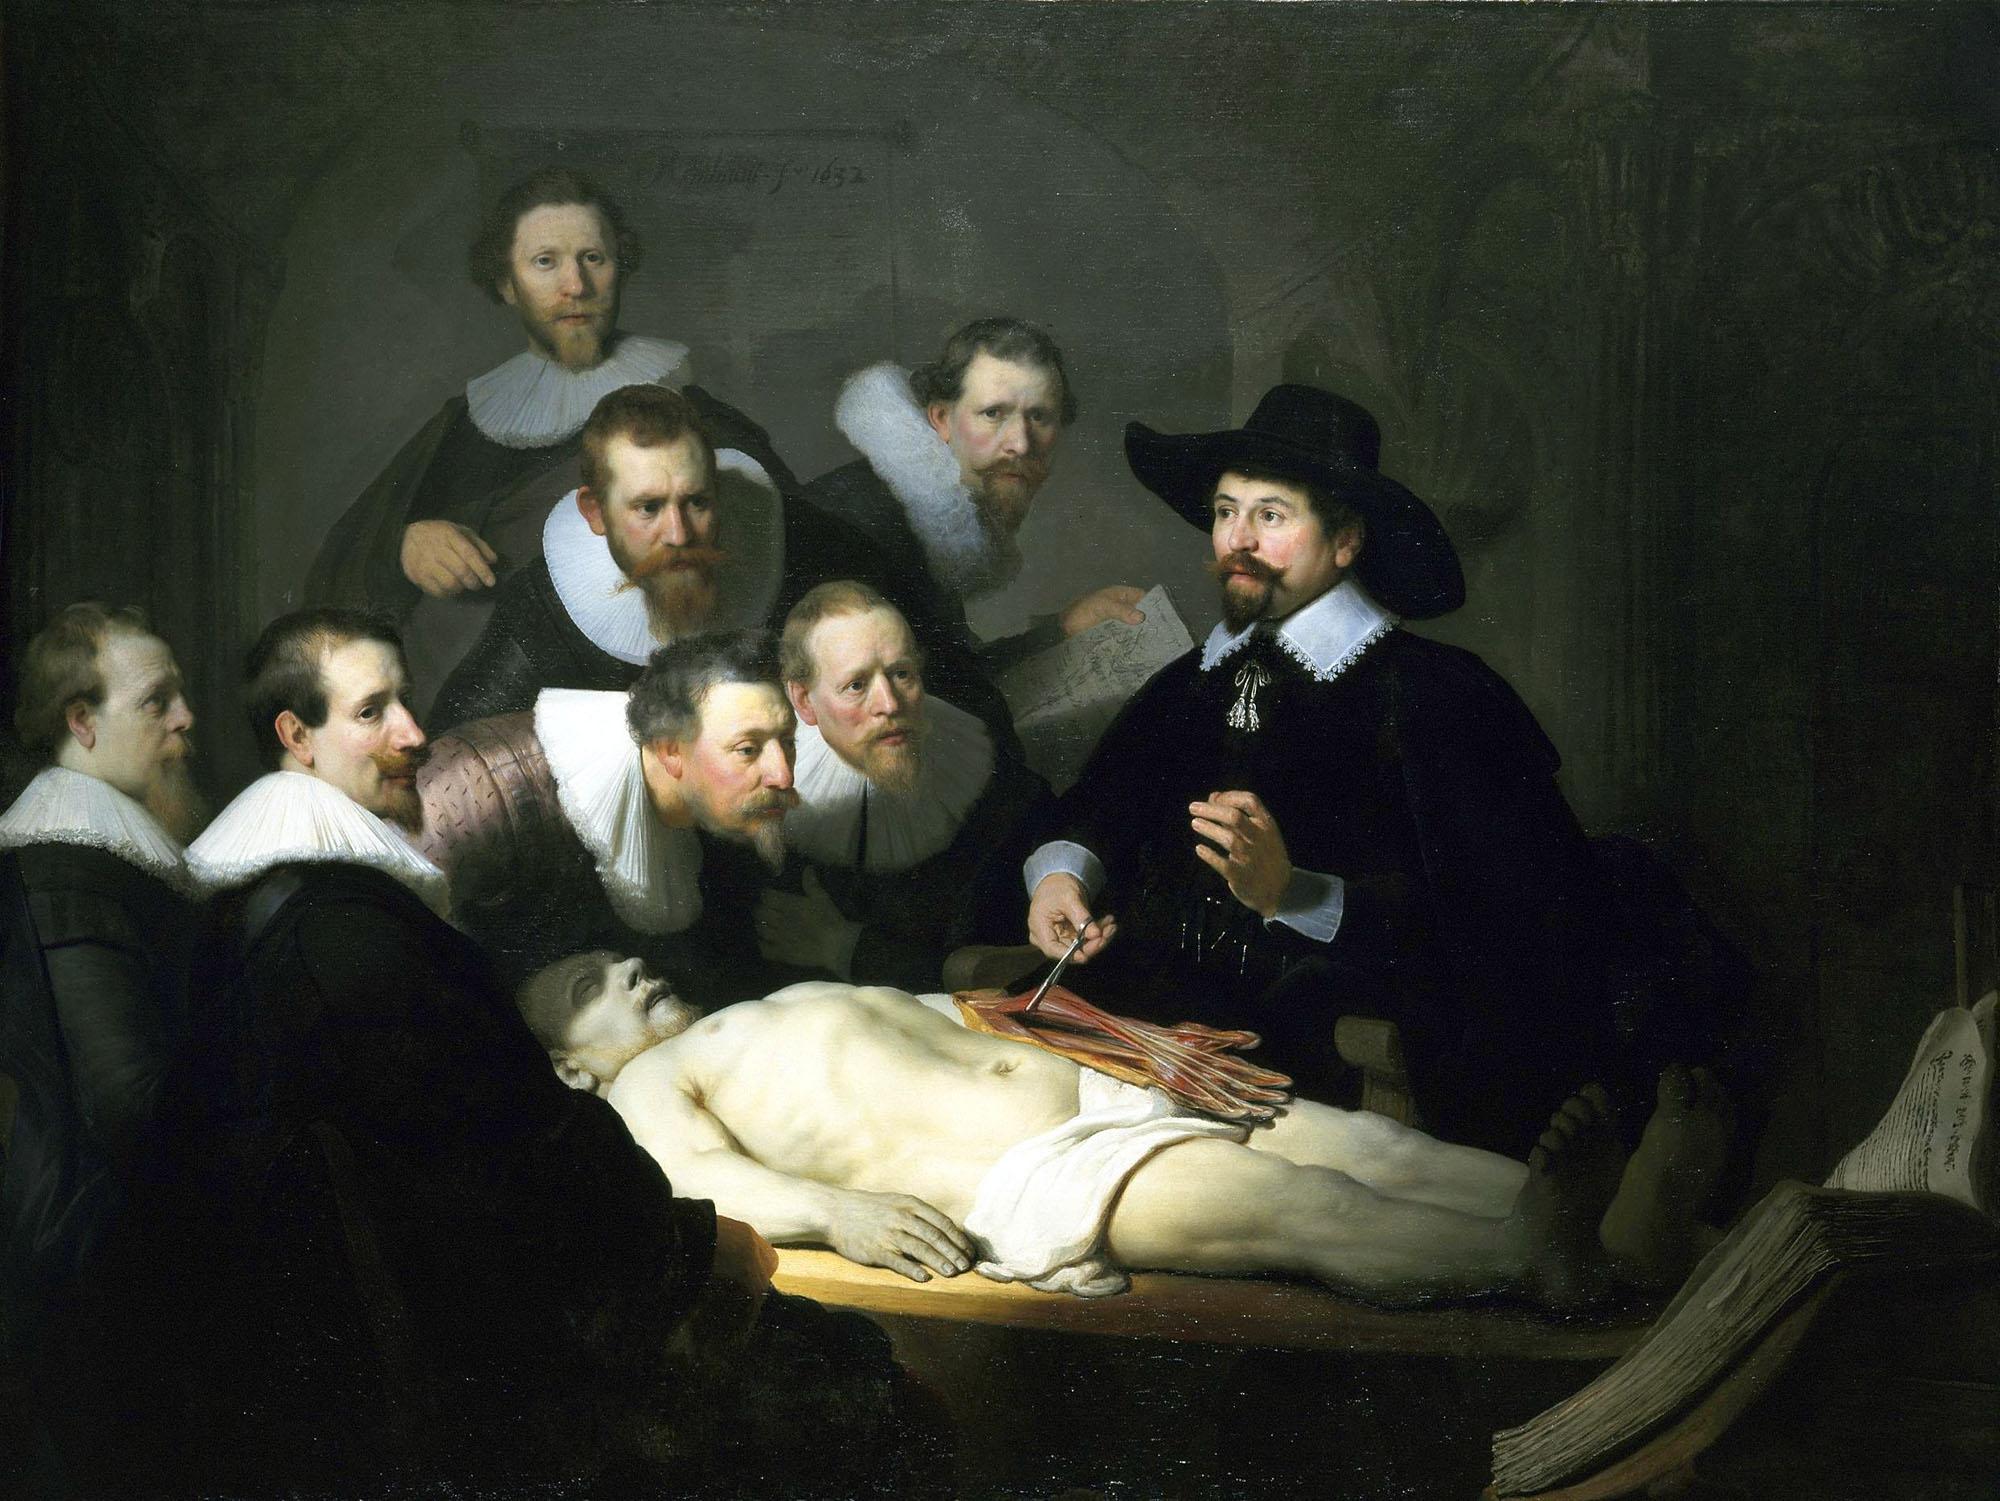 Rembrandt, Lezione di anatomia del dottor Tulp, 1632